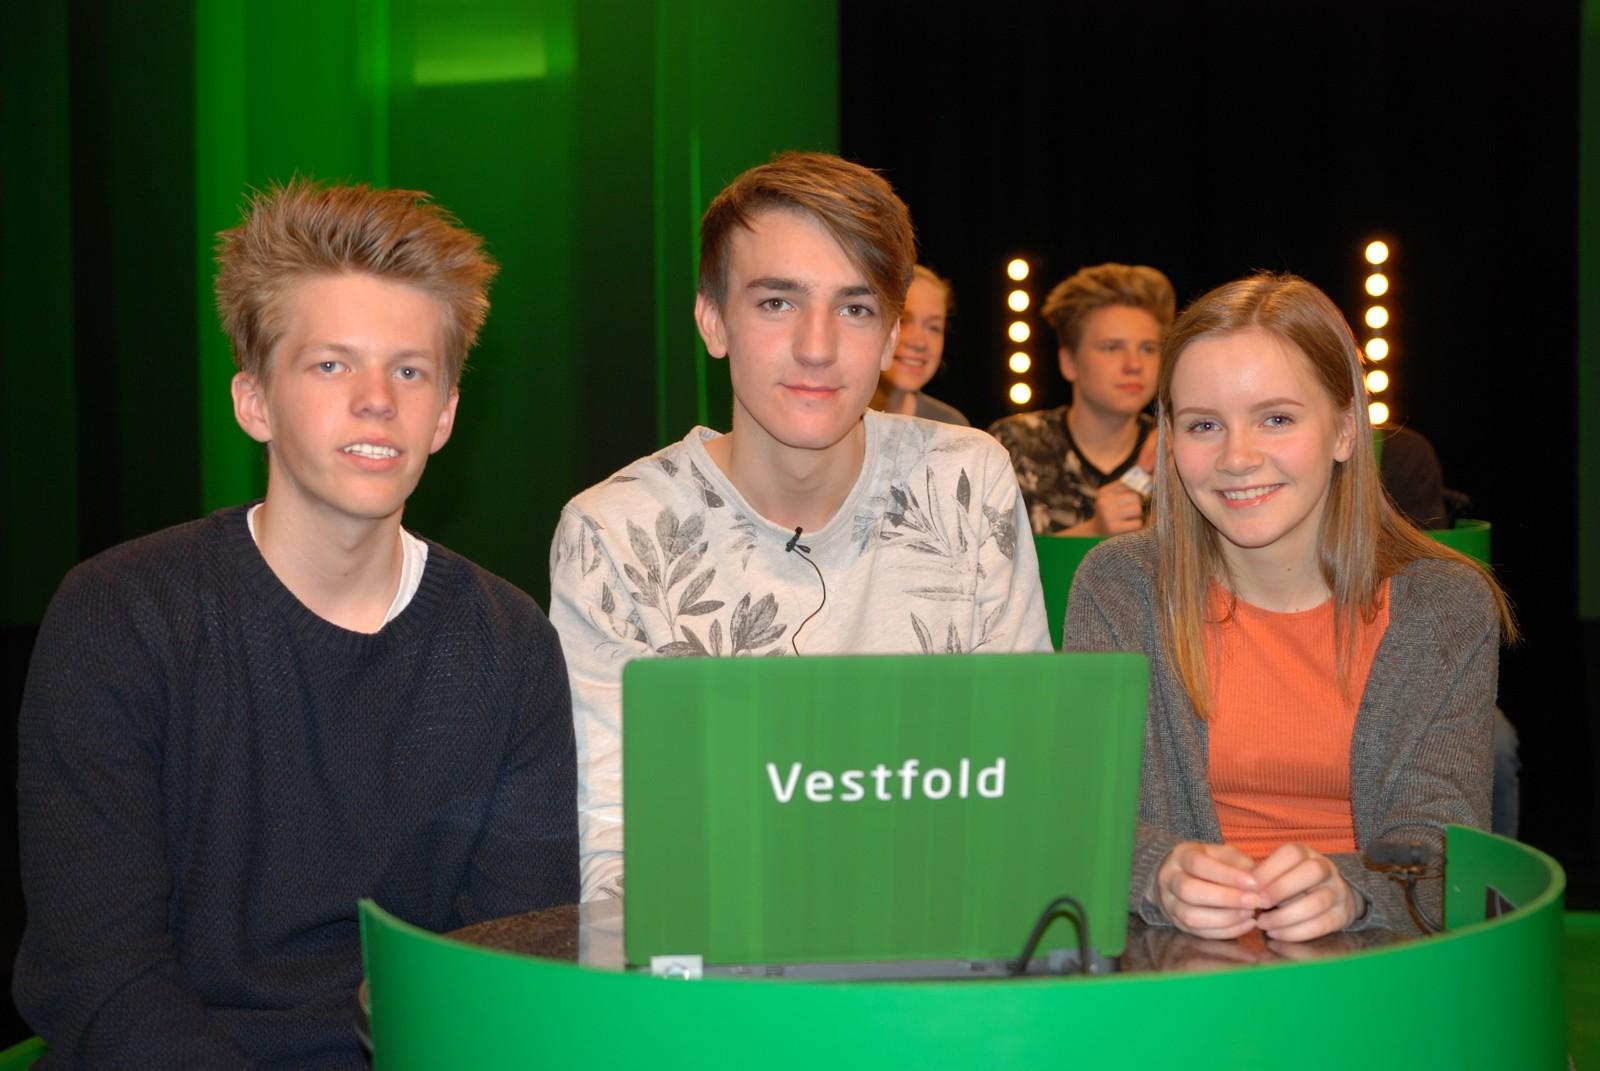 VESTFOLD: Gjøklep ungdomsskole i Holmestrand representert ved Leander Halvorsen, Anders Mathias Rønneberg og Amanda Jomisko Sandbakken.